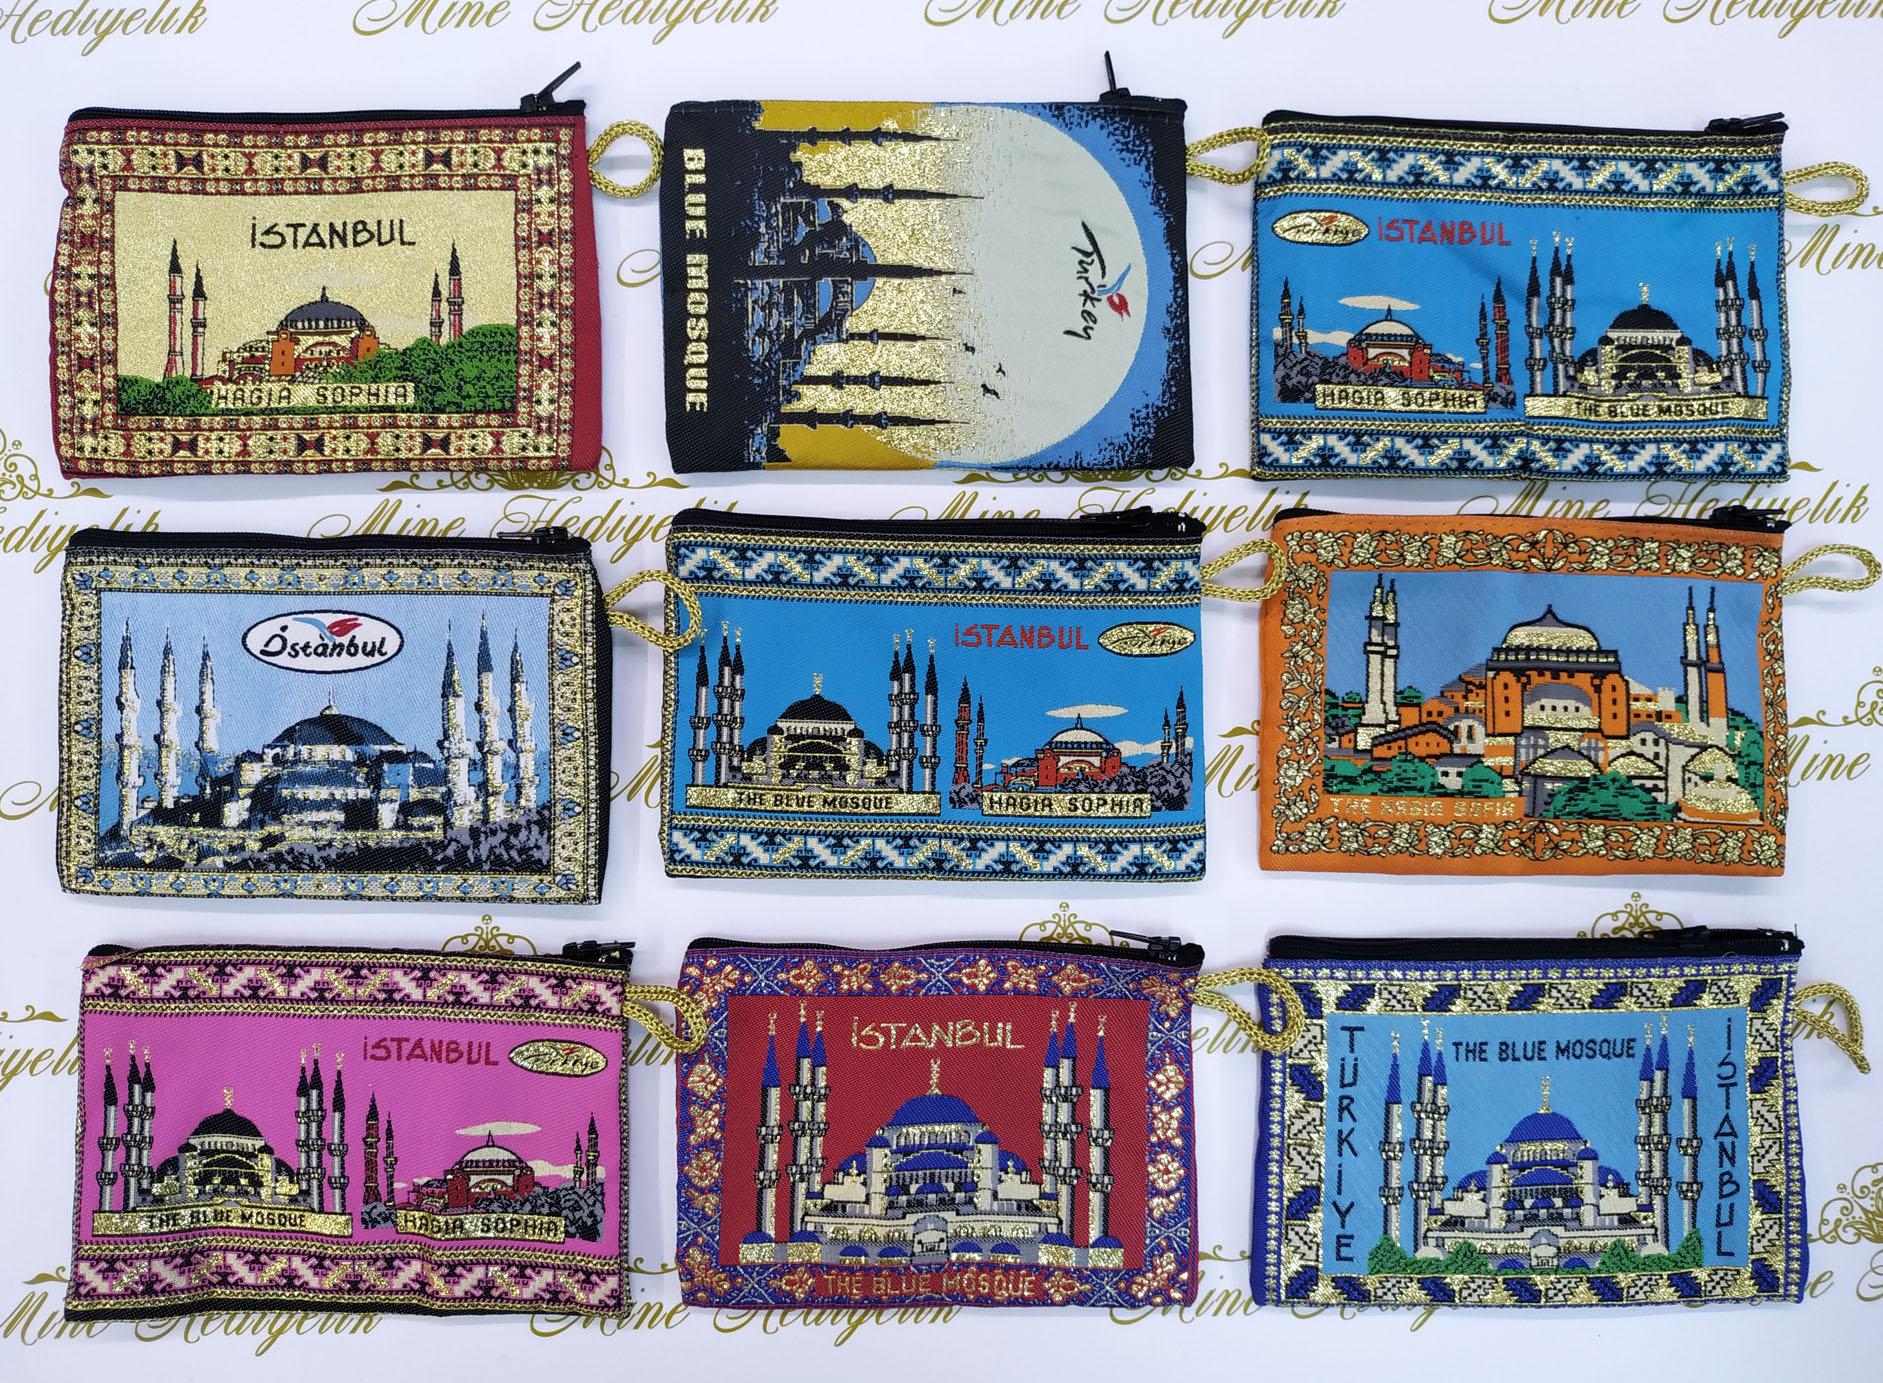 İstanbul Türkiye Hatırası Dokuma Cüzdanlar Sultan Ahmet Camili Ucuz Mini Hediyelikler Kurumsal Hediyeler Geleneksel Hediyelik Eşyalar Ucuz Promosyon Ürünleri